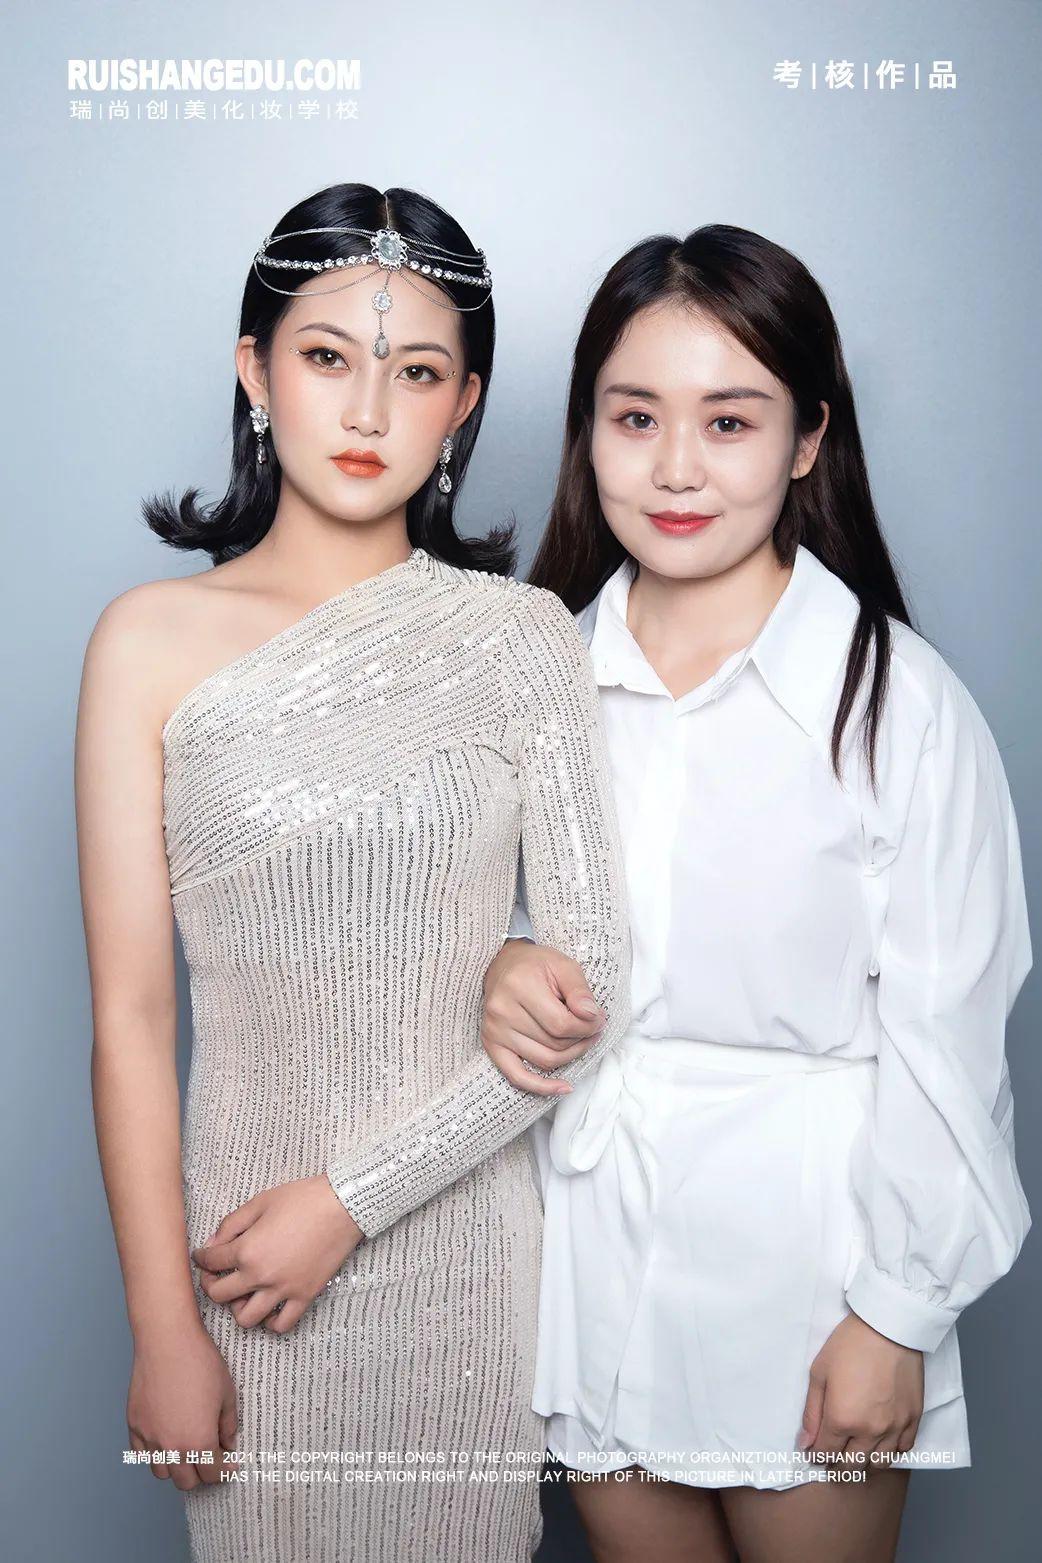 【瑞尚创美化妆学校】缪斯女神 尽显独具魅力的影楼造型